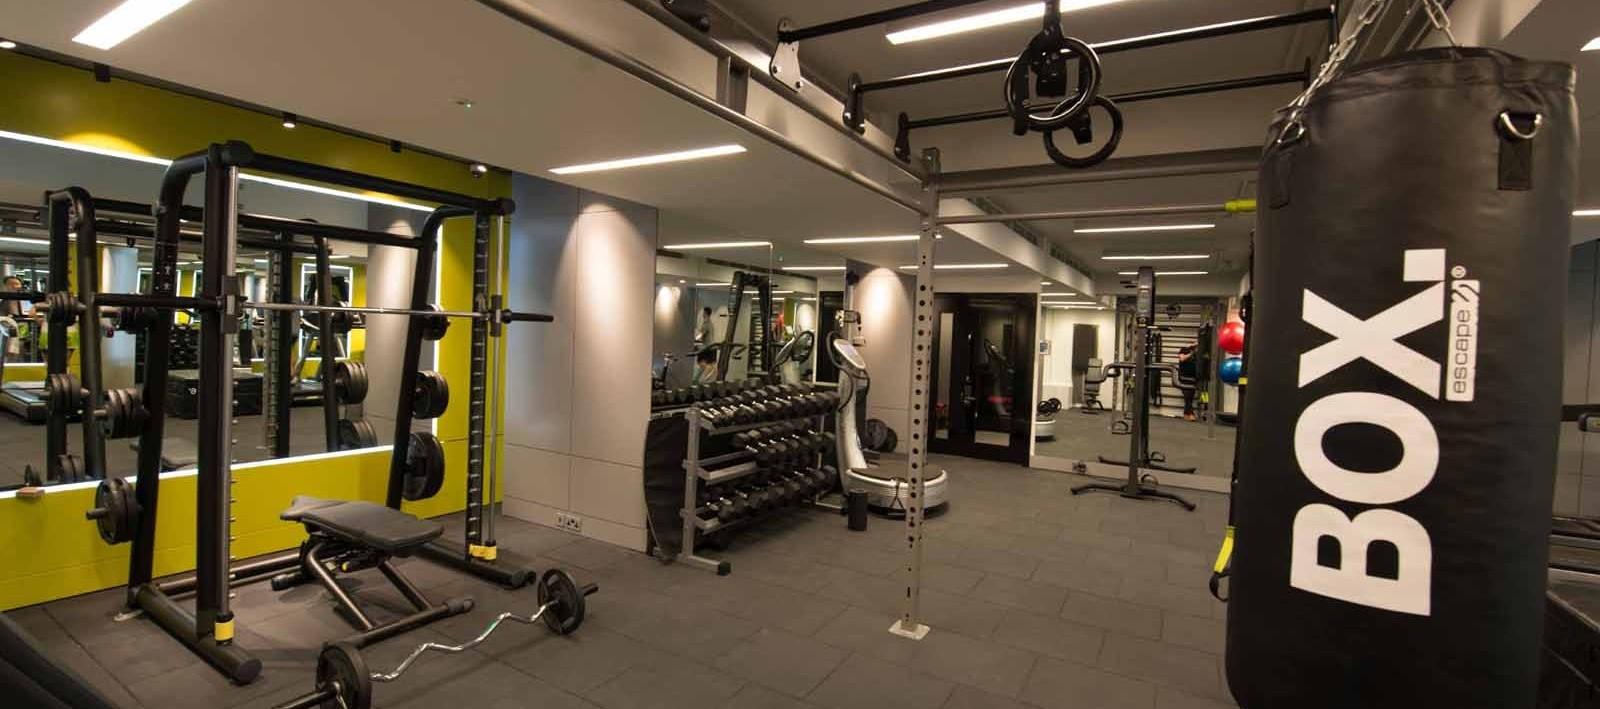 Gym_1600px_wide - Crop